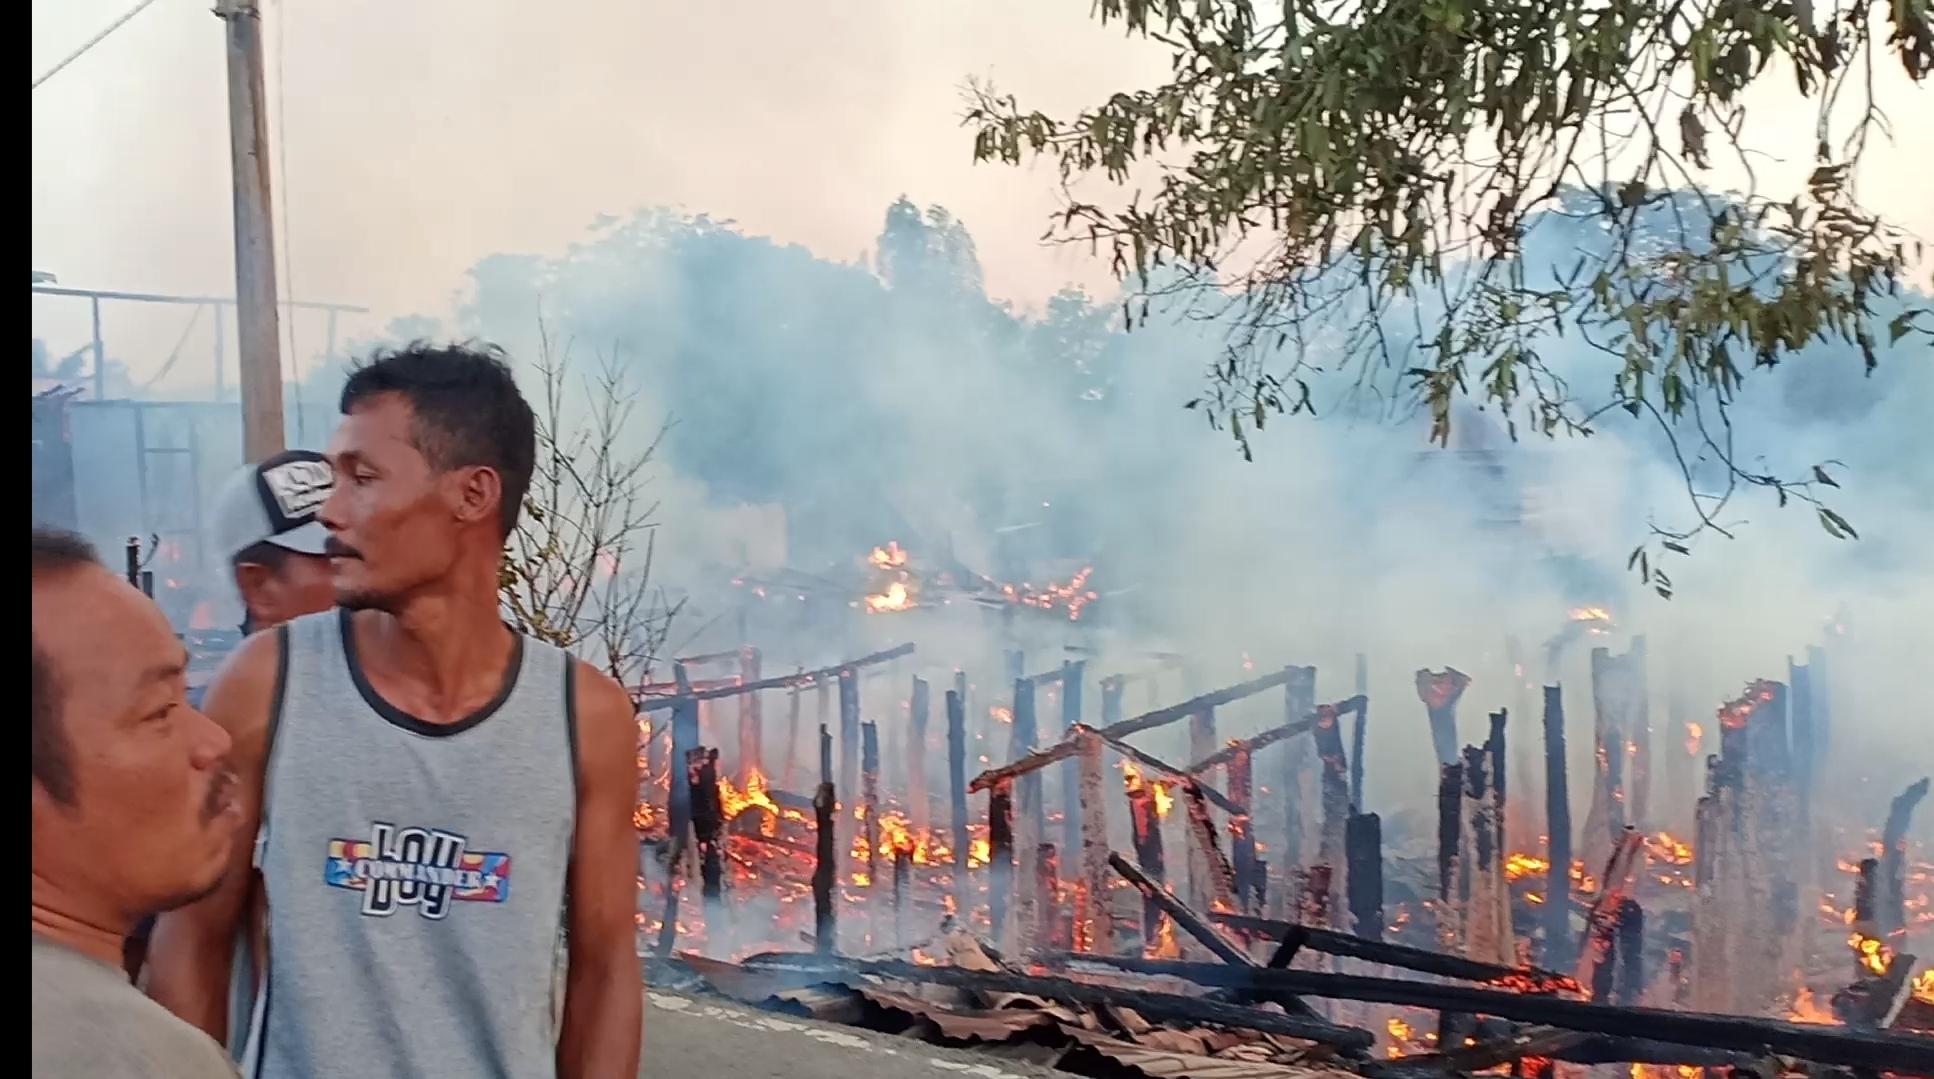 kebakaran-hebat-hanguskan-lima-rumah-di-desa-epil-muba191n71566217123.jpg